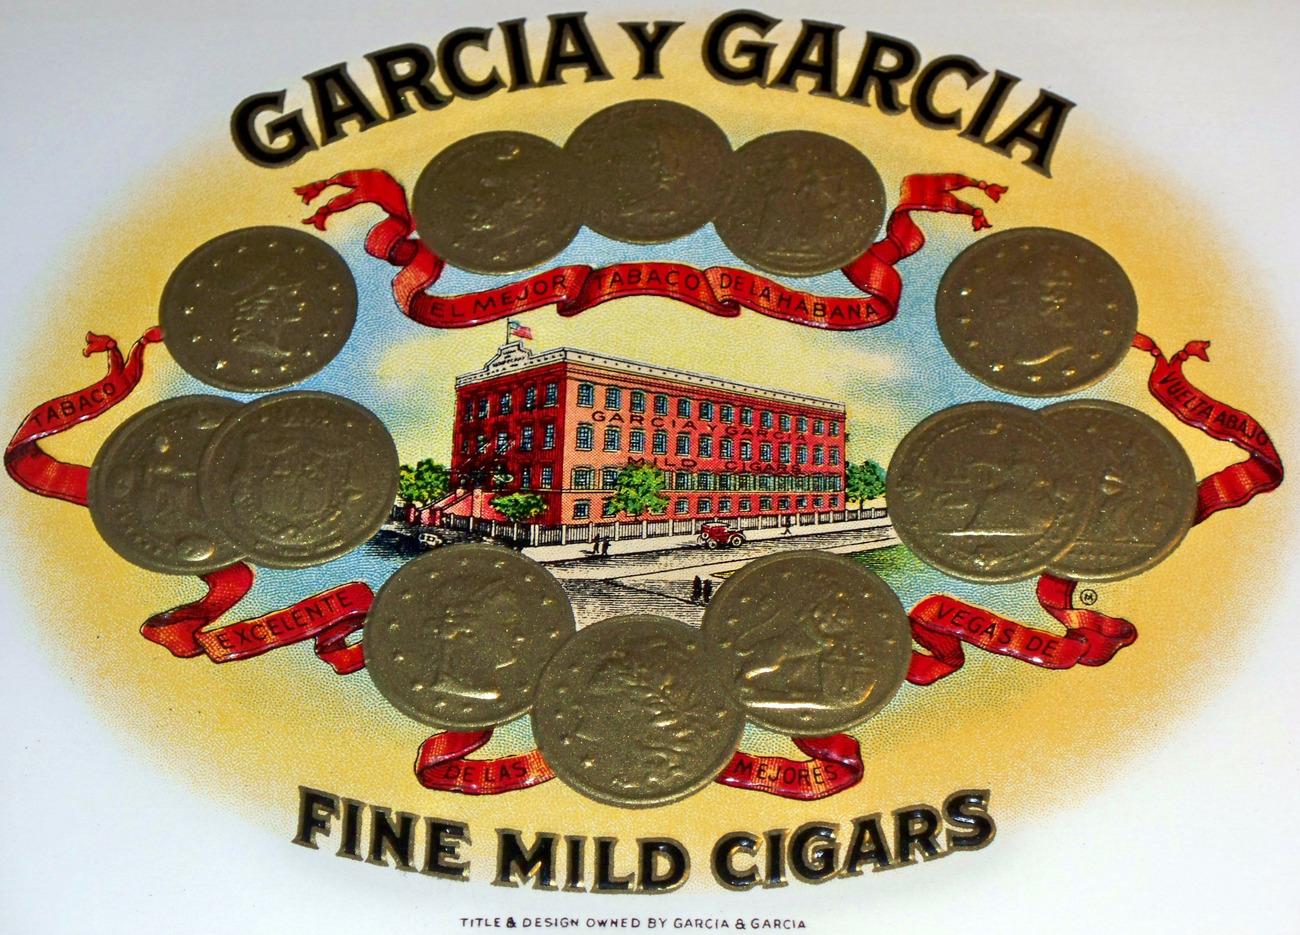 Garcia y garcia inner cigar label 002